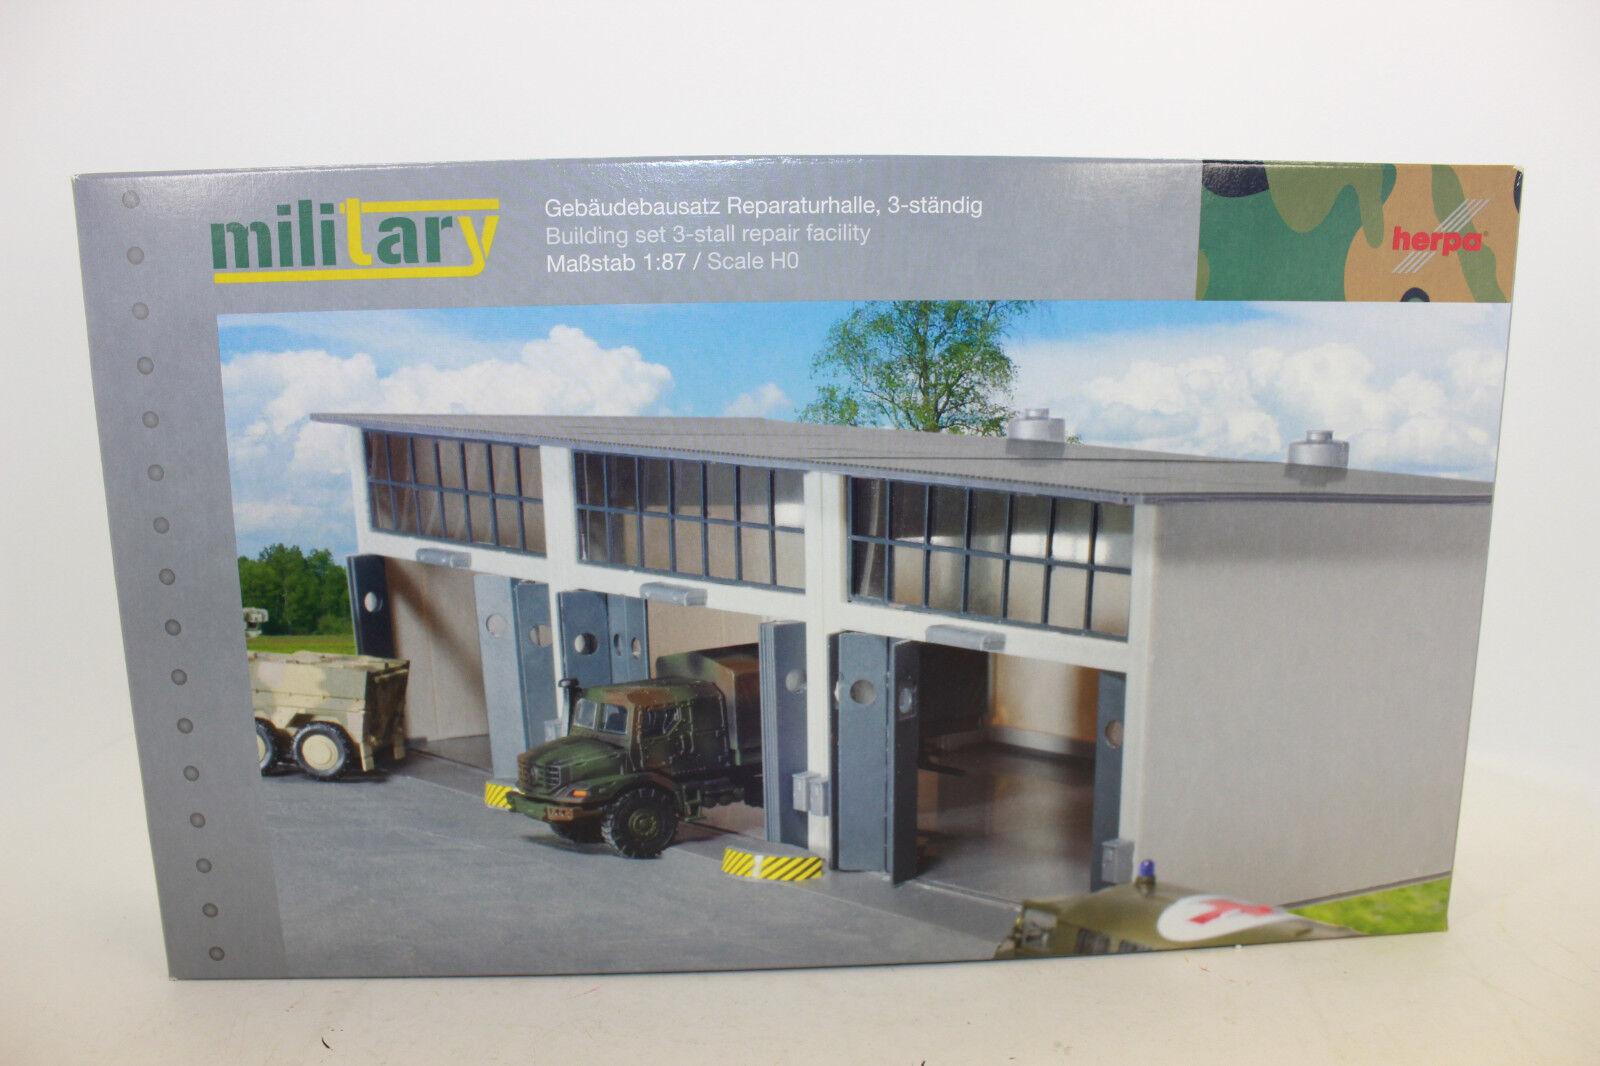 Herpa 745802 bâtiments Kit de réparation Halle pour camions's 1 87 h0 NEUF dans neuf dans sa boîte